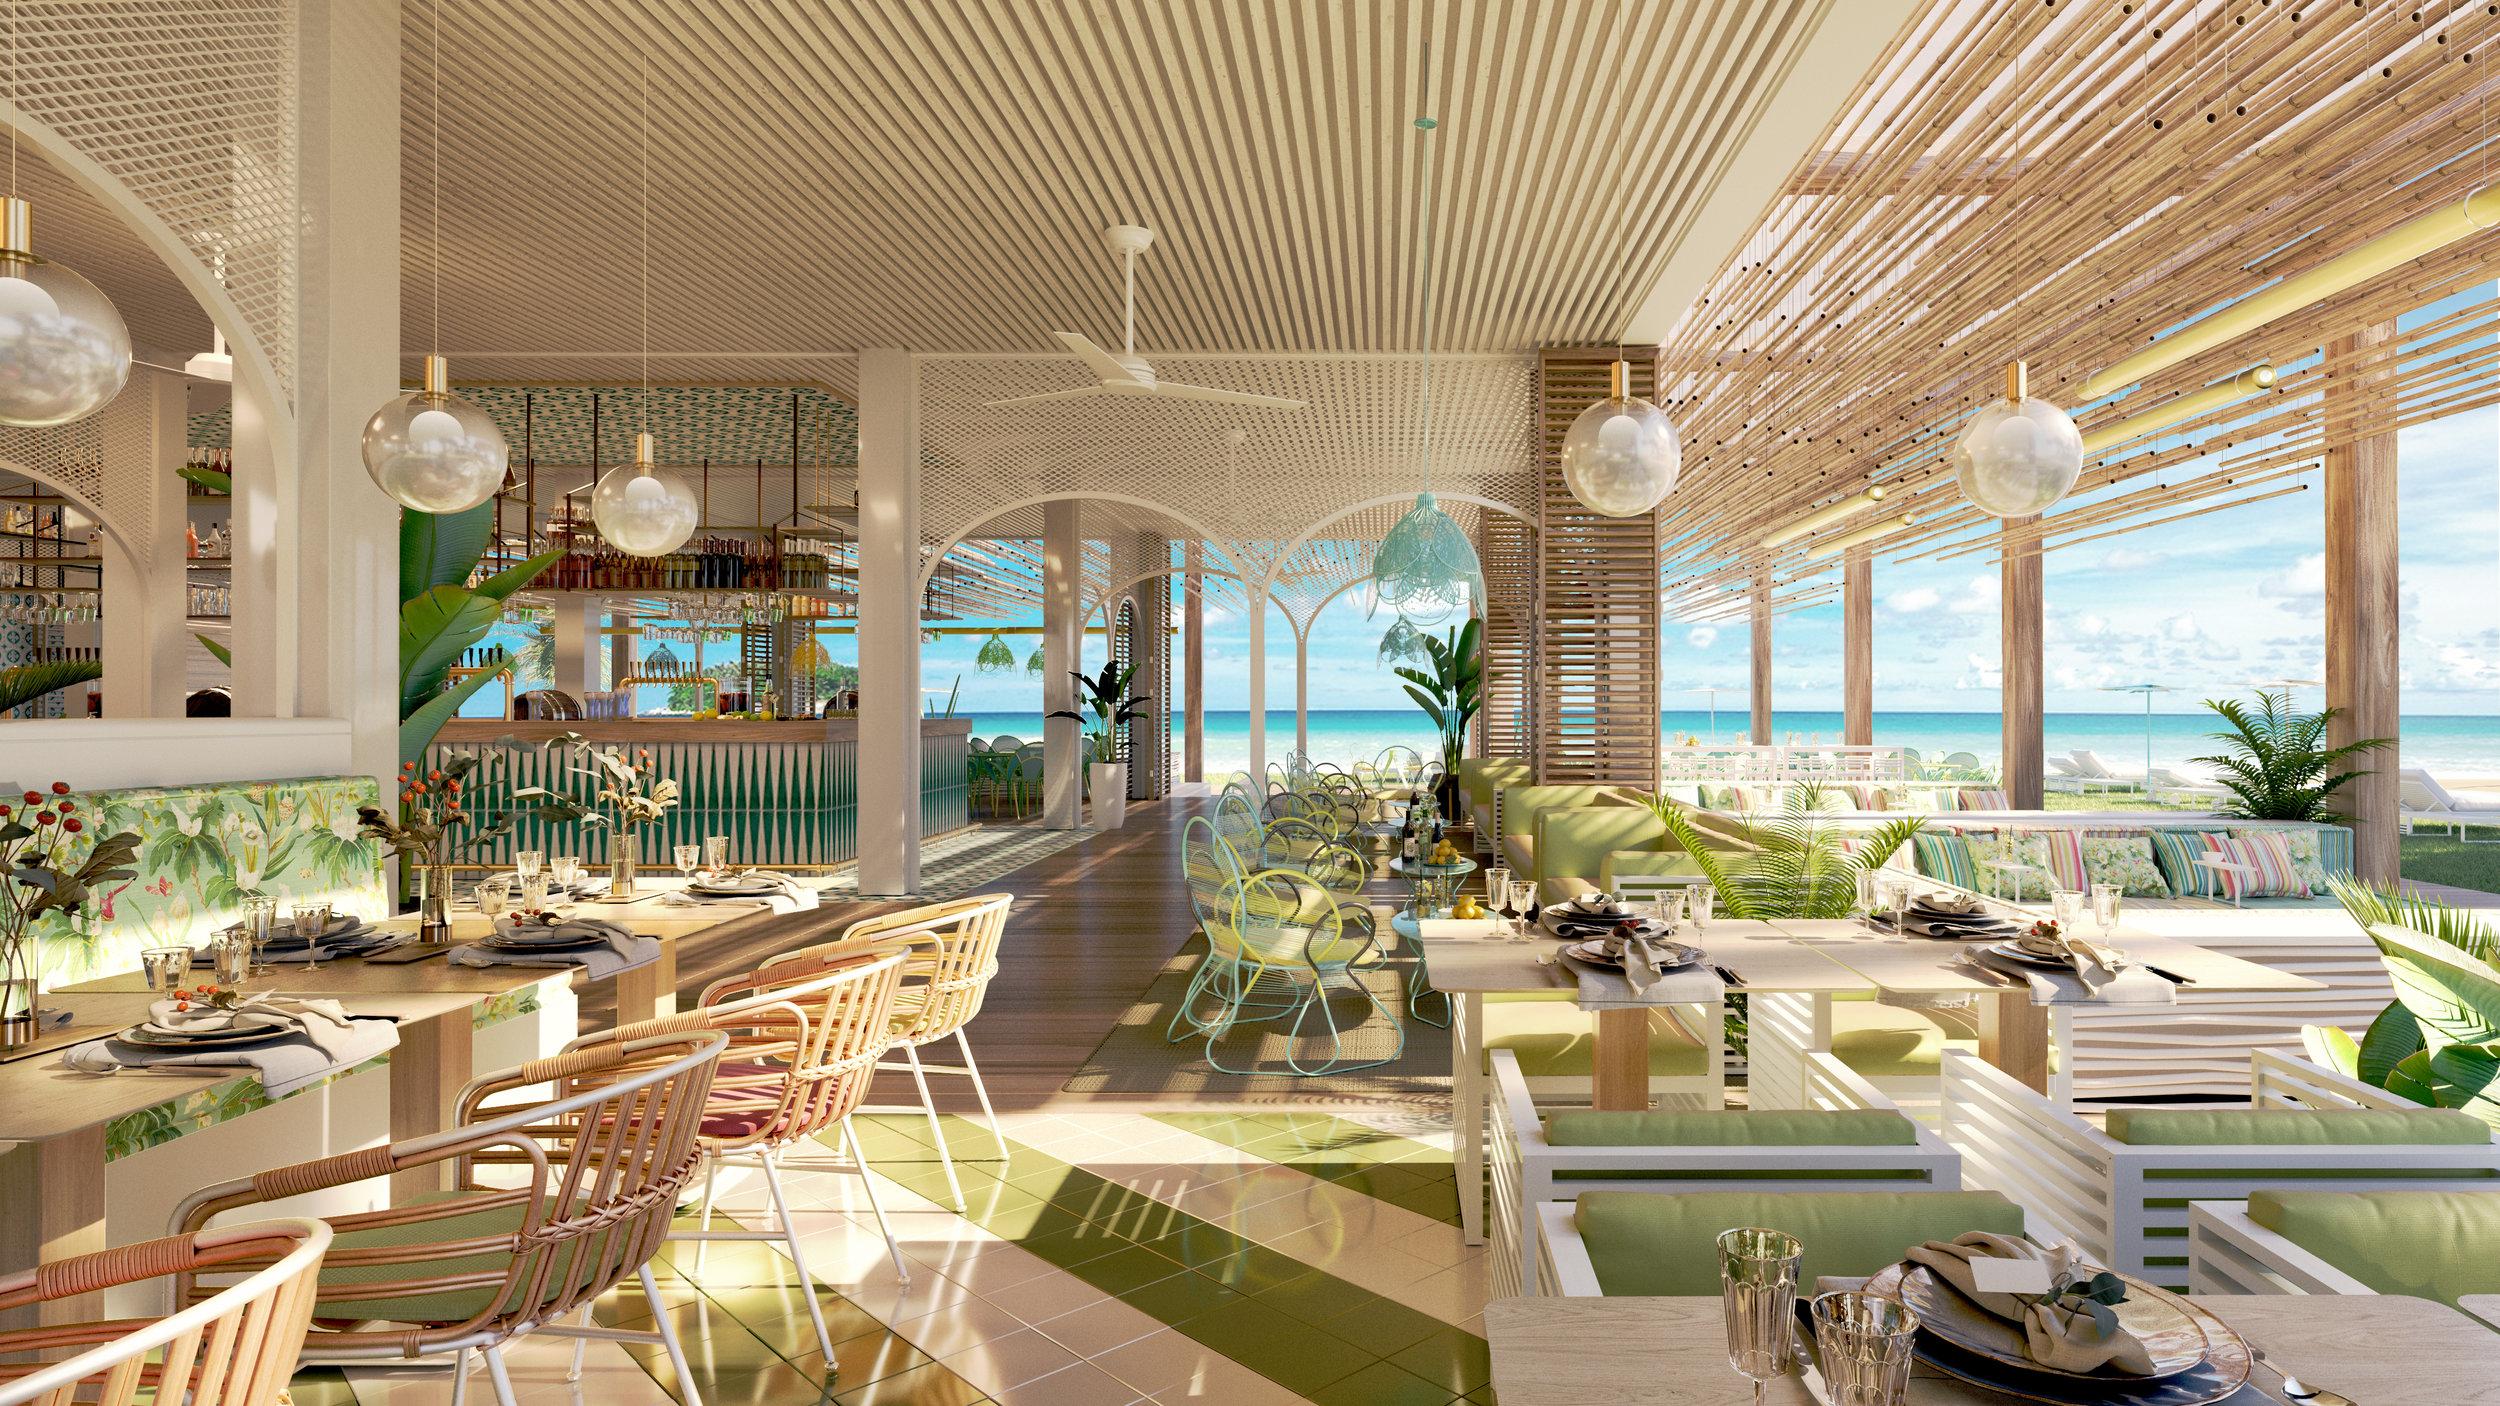 Beach_Lounge.jpg